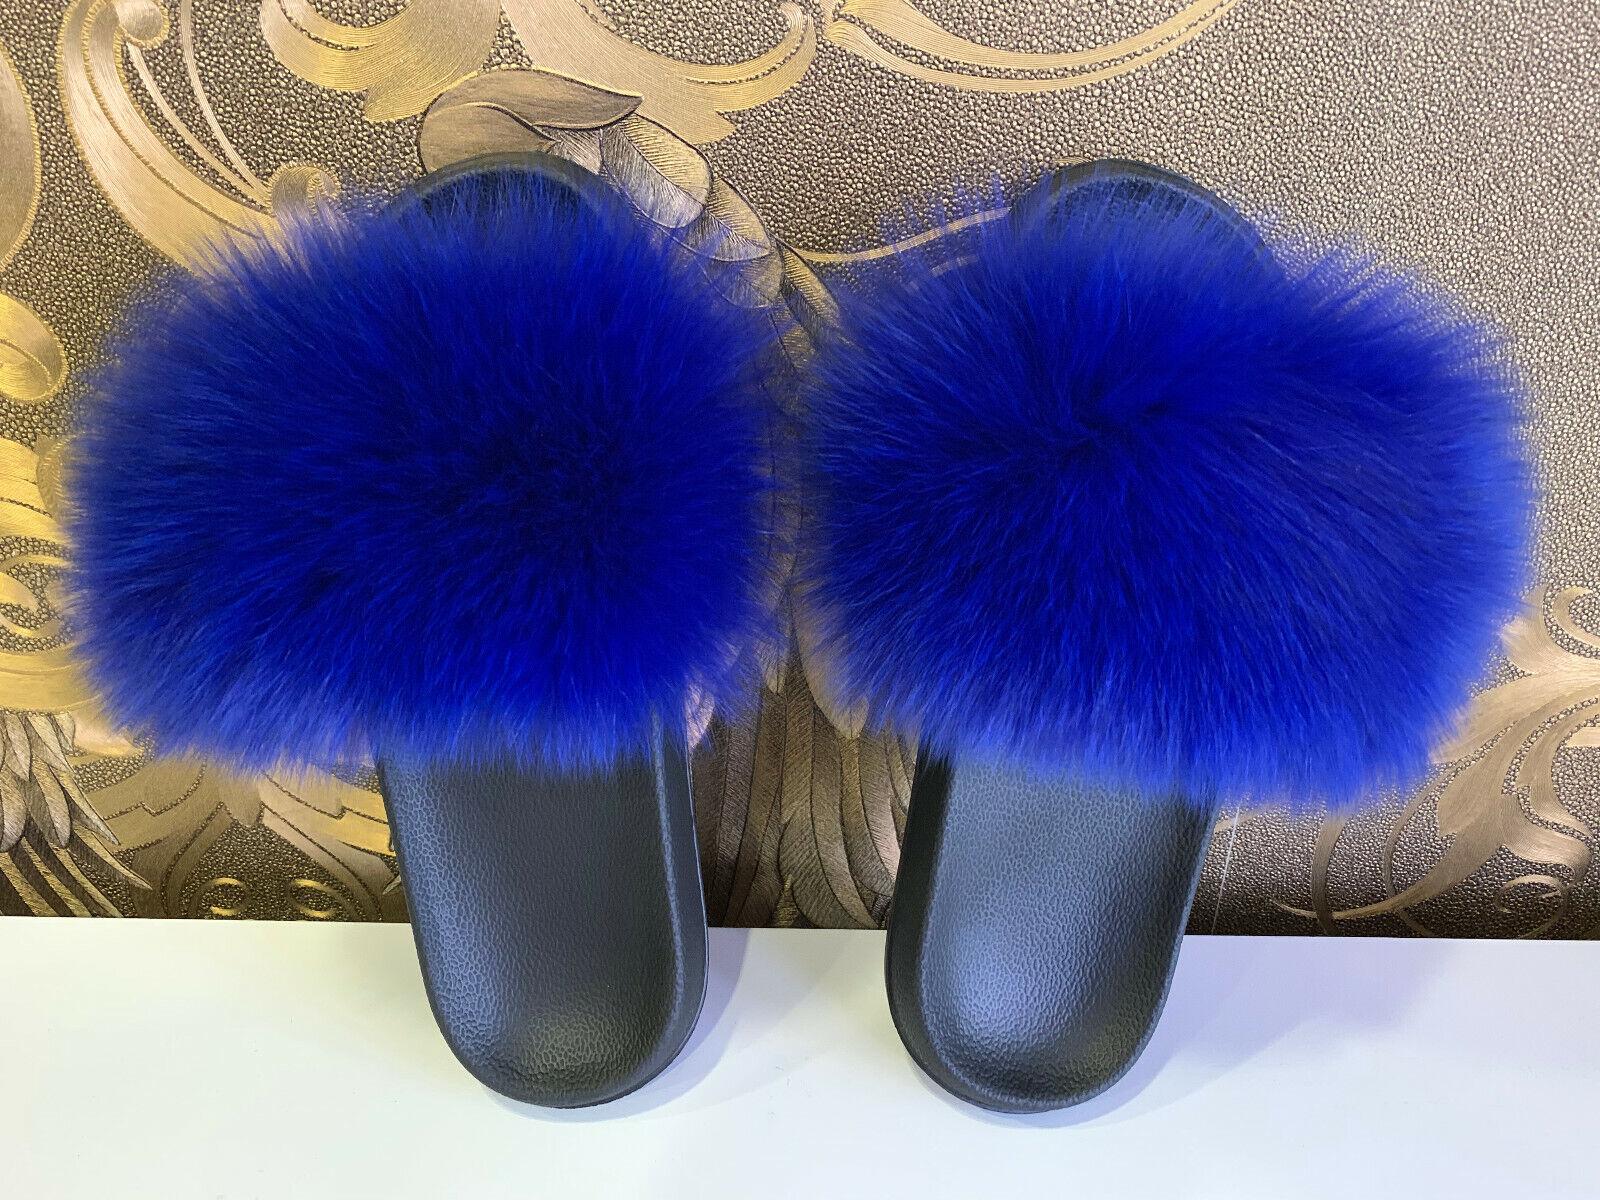 Pälstofflor pälstofflor pälstofflor pälstofflor Furskor pälsskor med Fox Slippers BL  fashional butik till salu